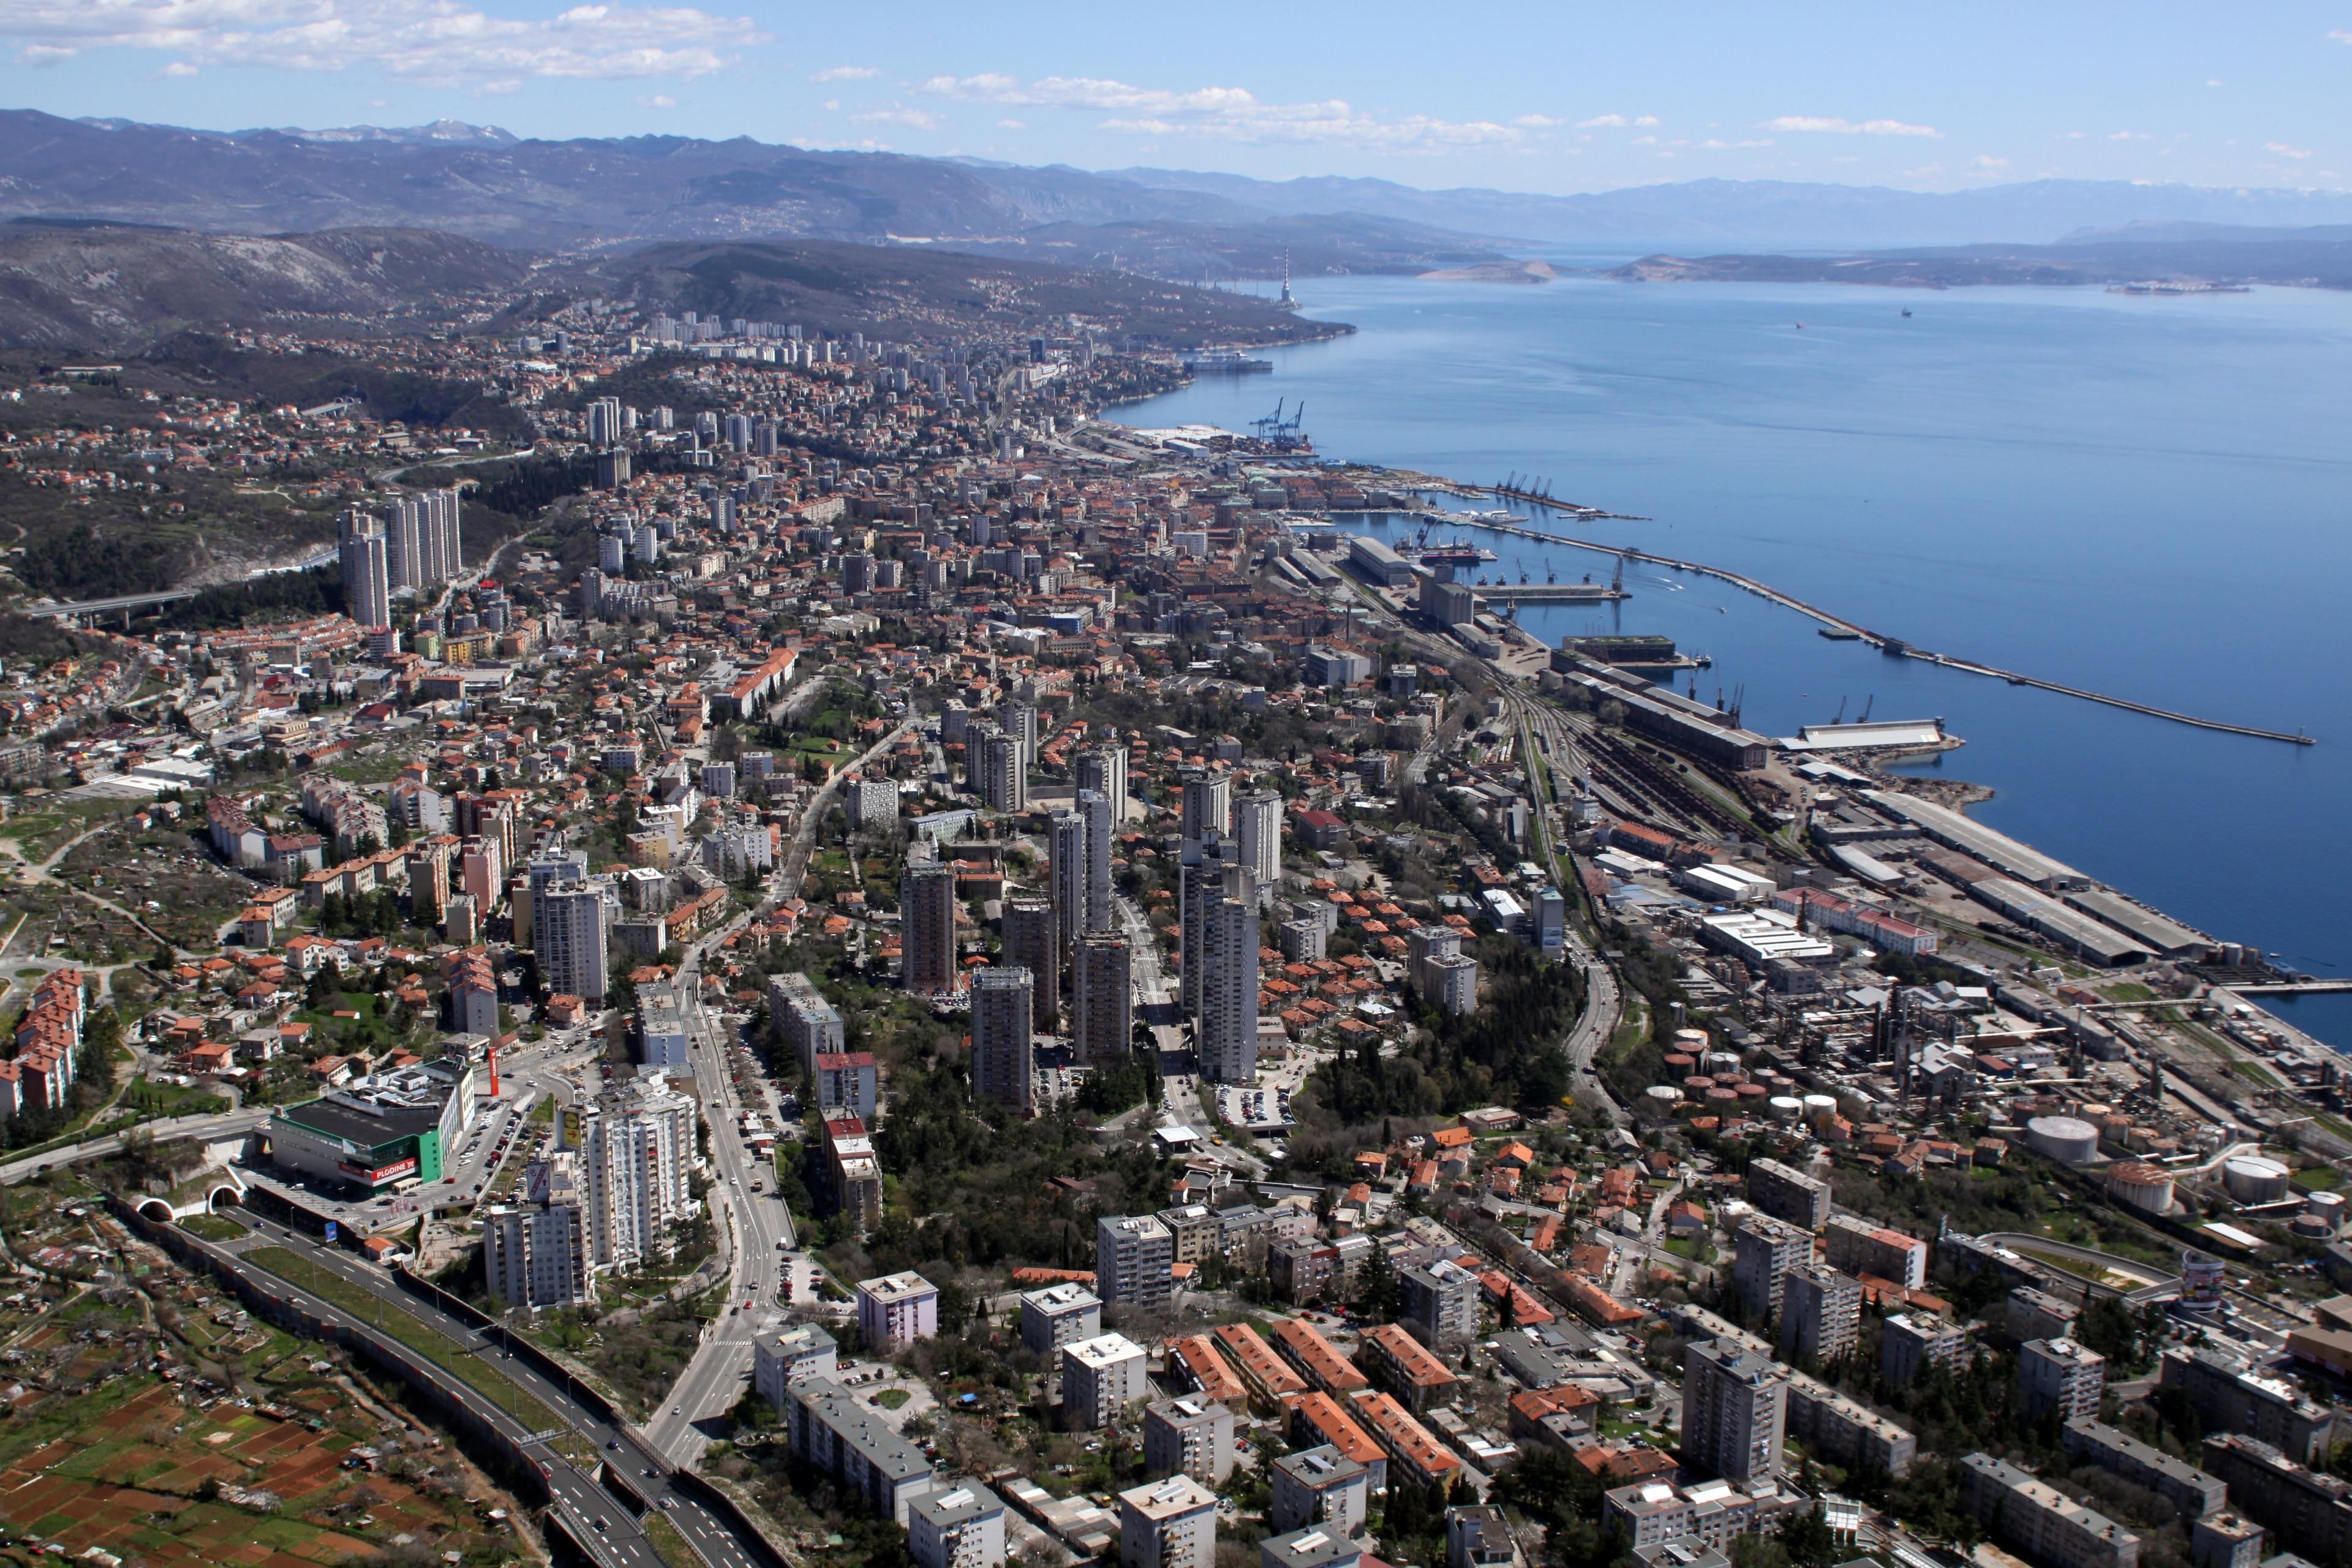 Rijeka, Primorje-Gorski Kotar, Croatia